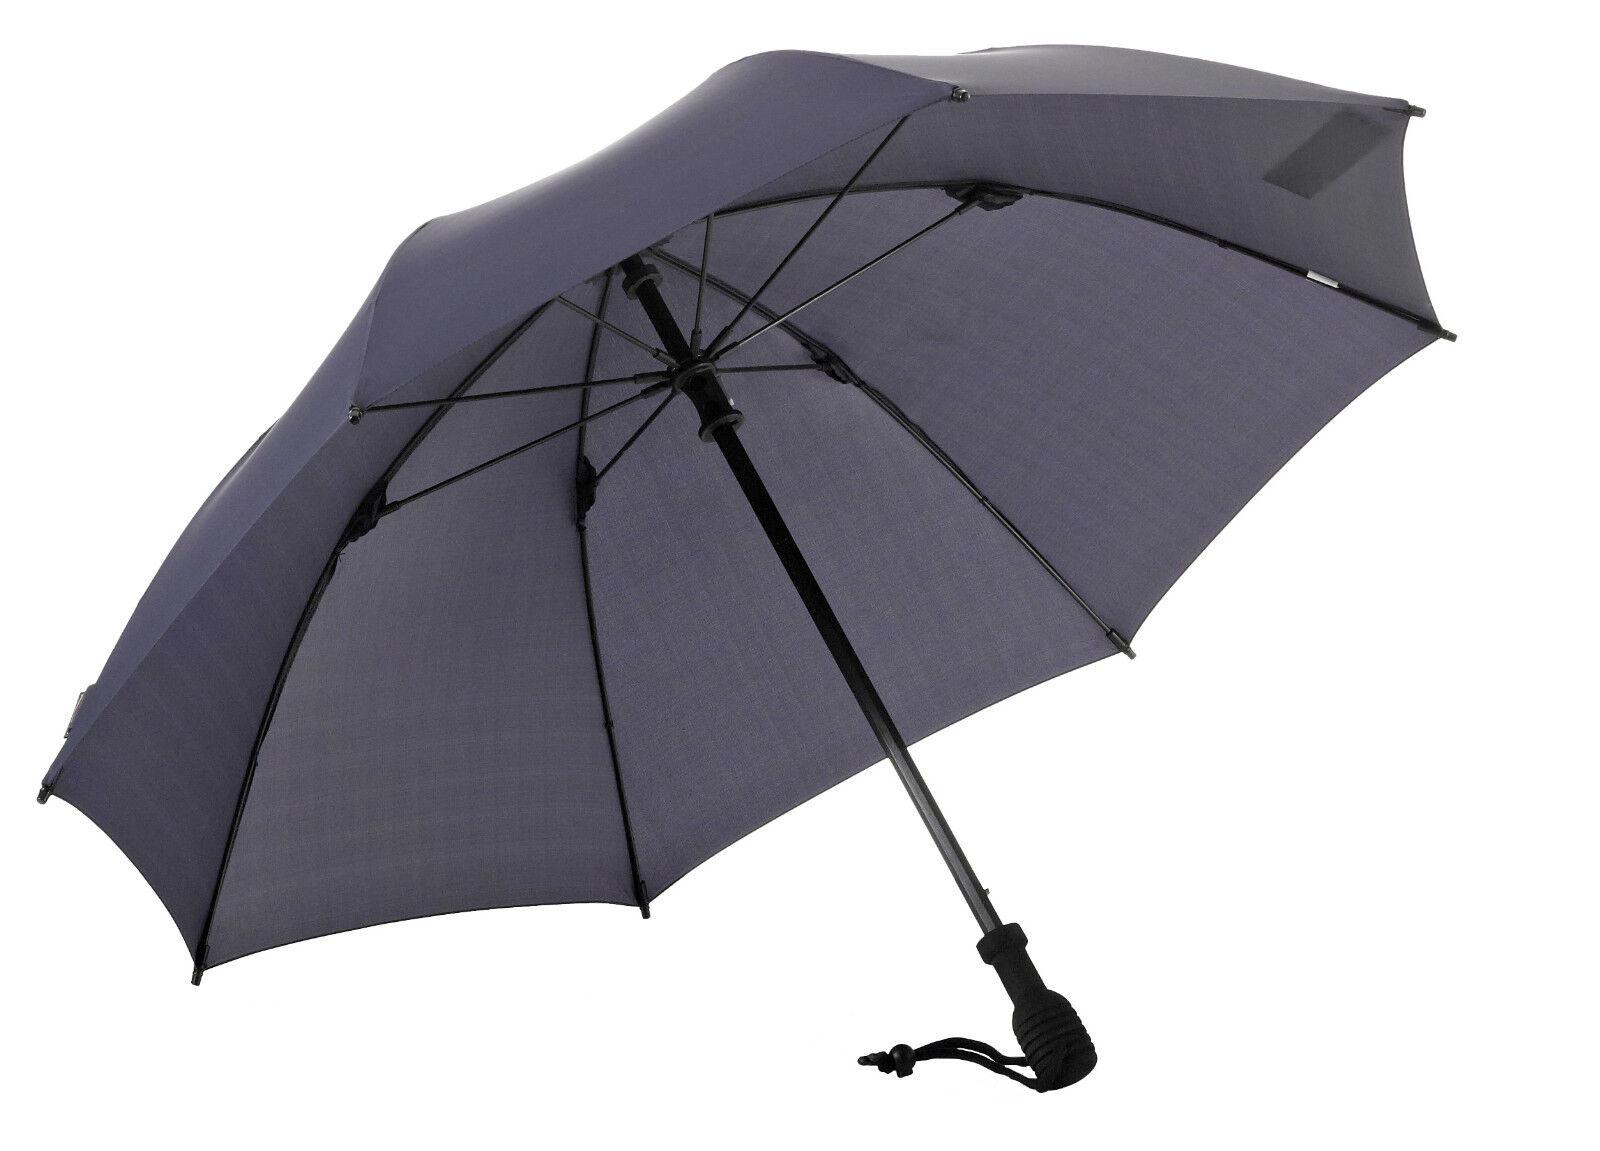 ... Euroschirm birdiepal octogone octogone octogone Trekking Parapluie De  L écran Parapluie de marche b03cc5 ... 81e84fbdc670